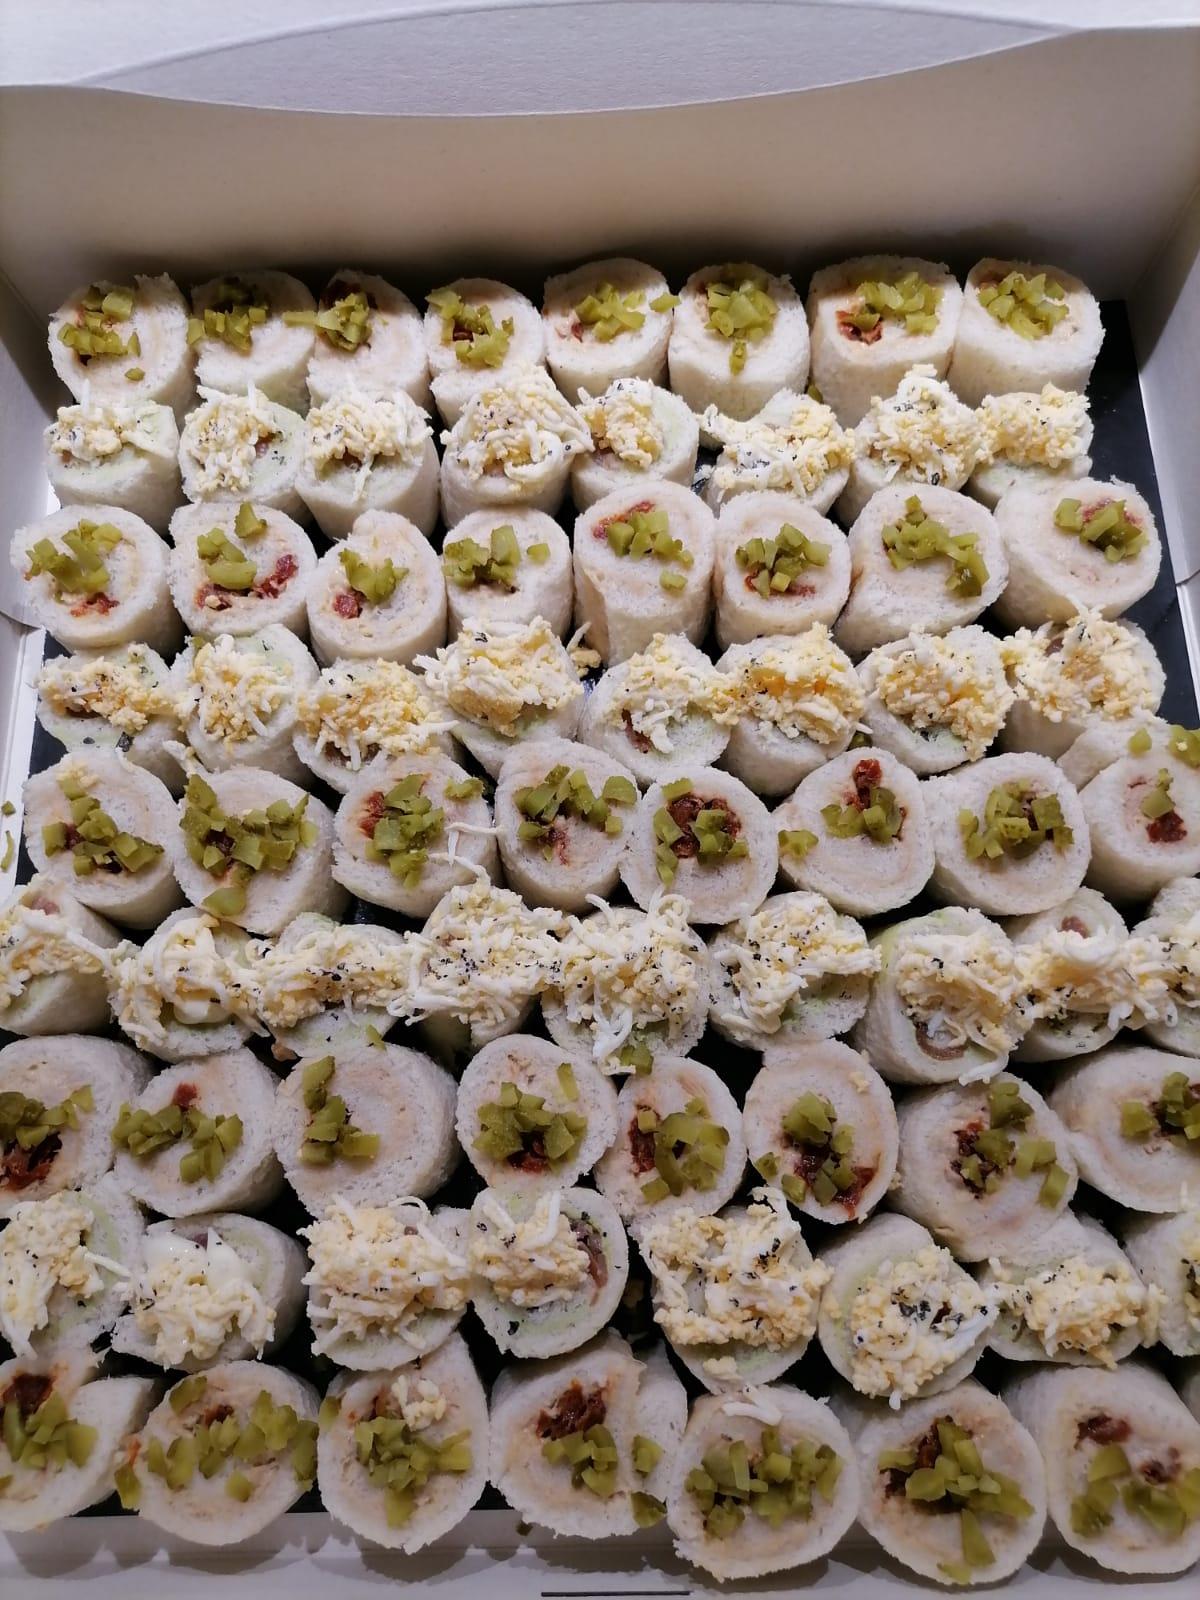 Rotllets de pa de motlle farcits de cremós d'alvocat i salmó i farcits de tonyina, ou i maionesa